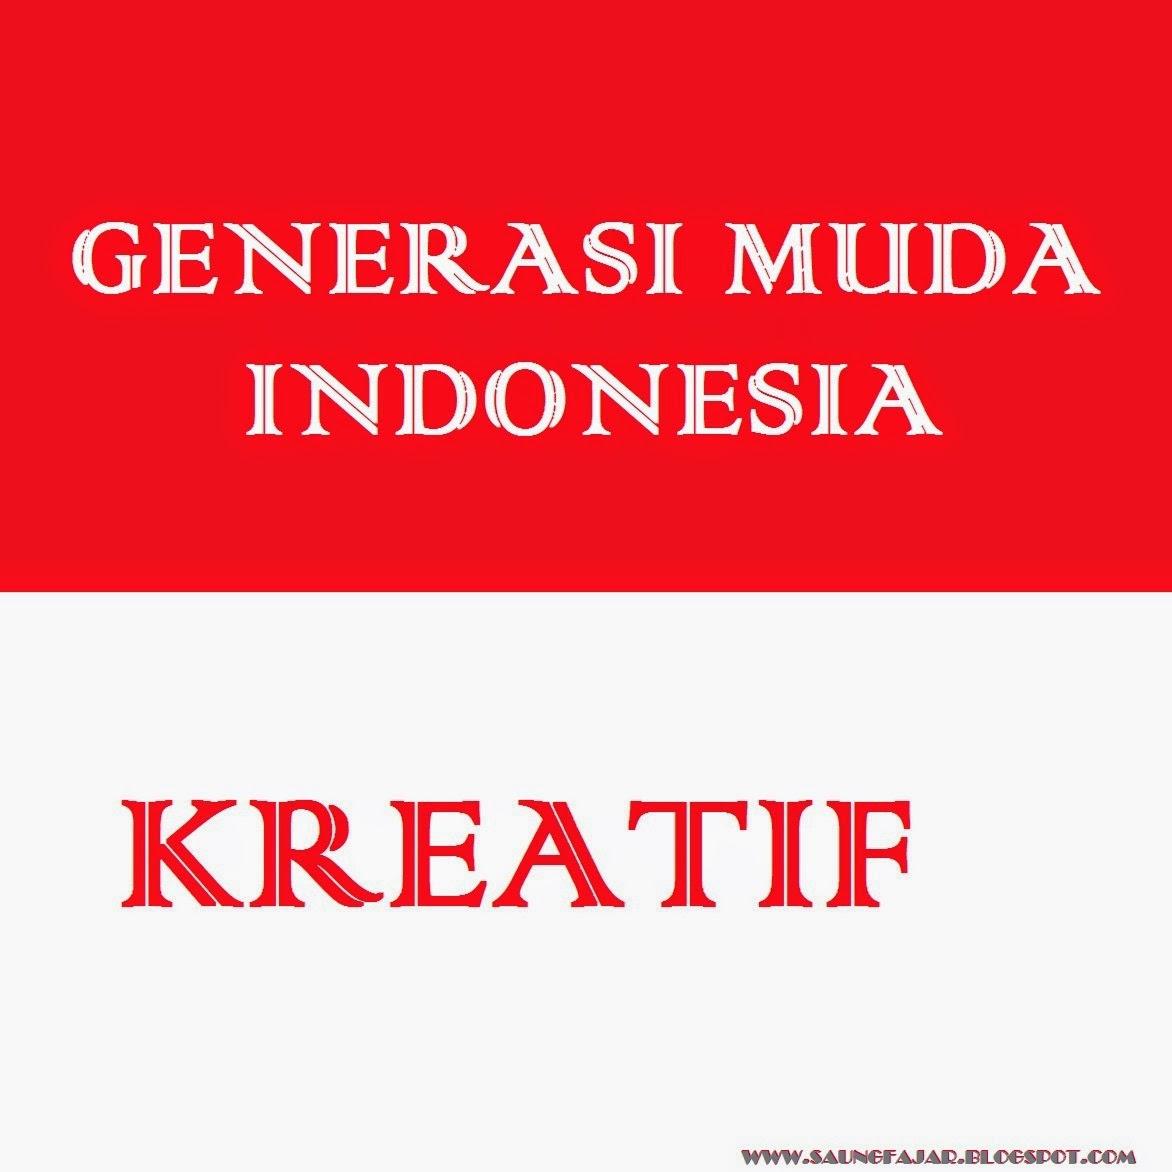 Generasi Muda Indonesia Kreatif